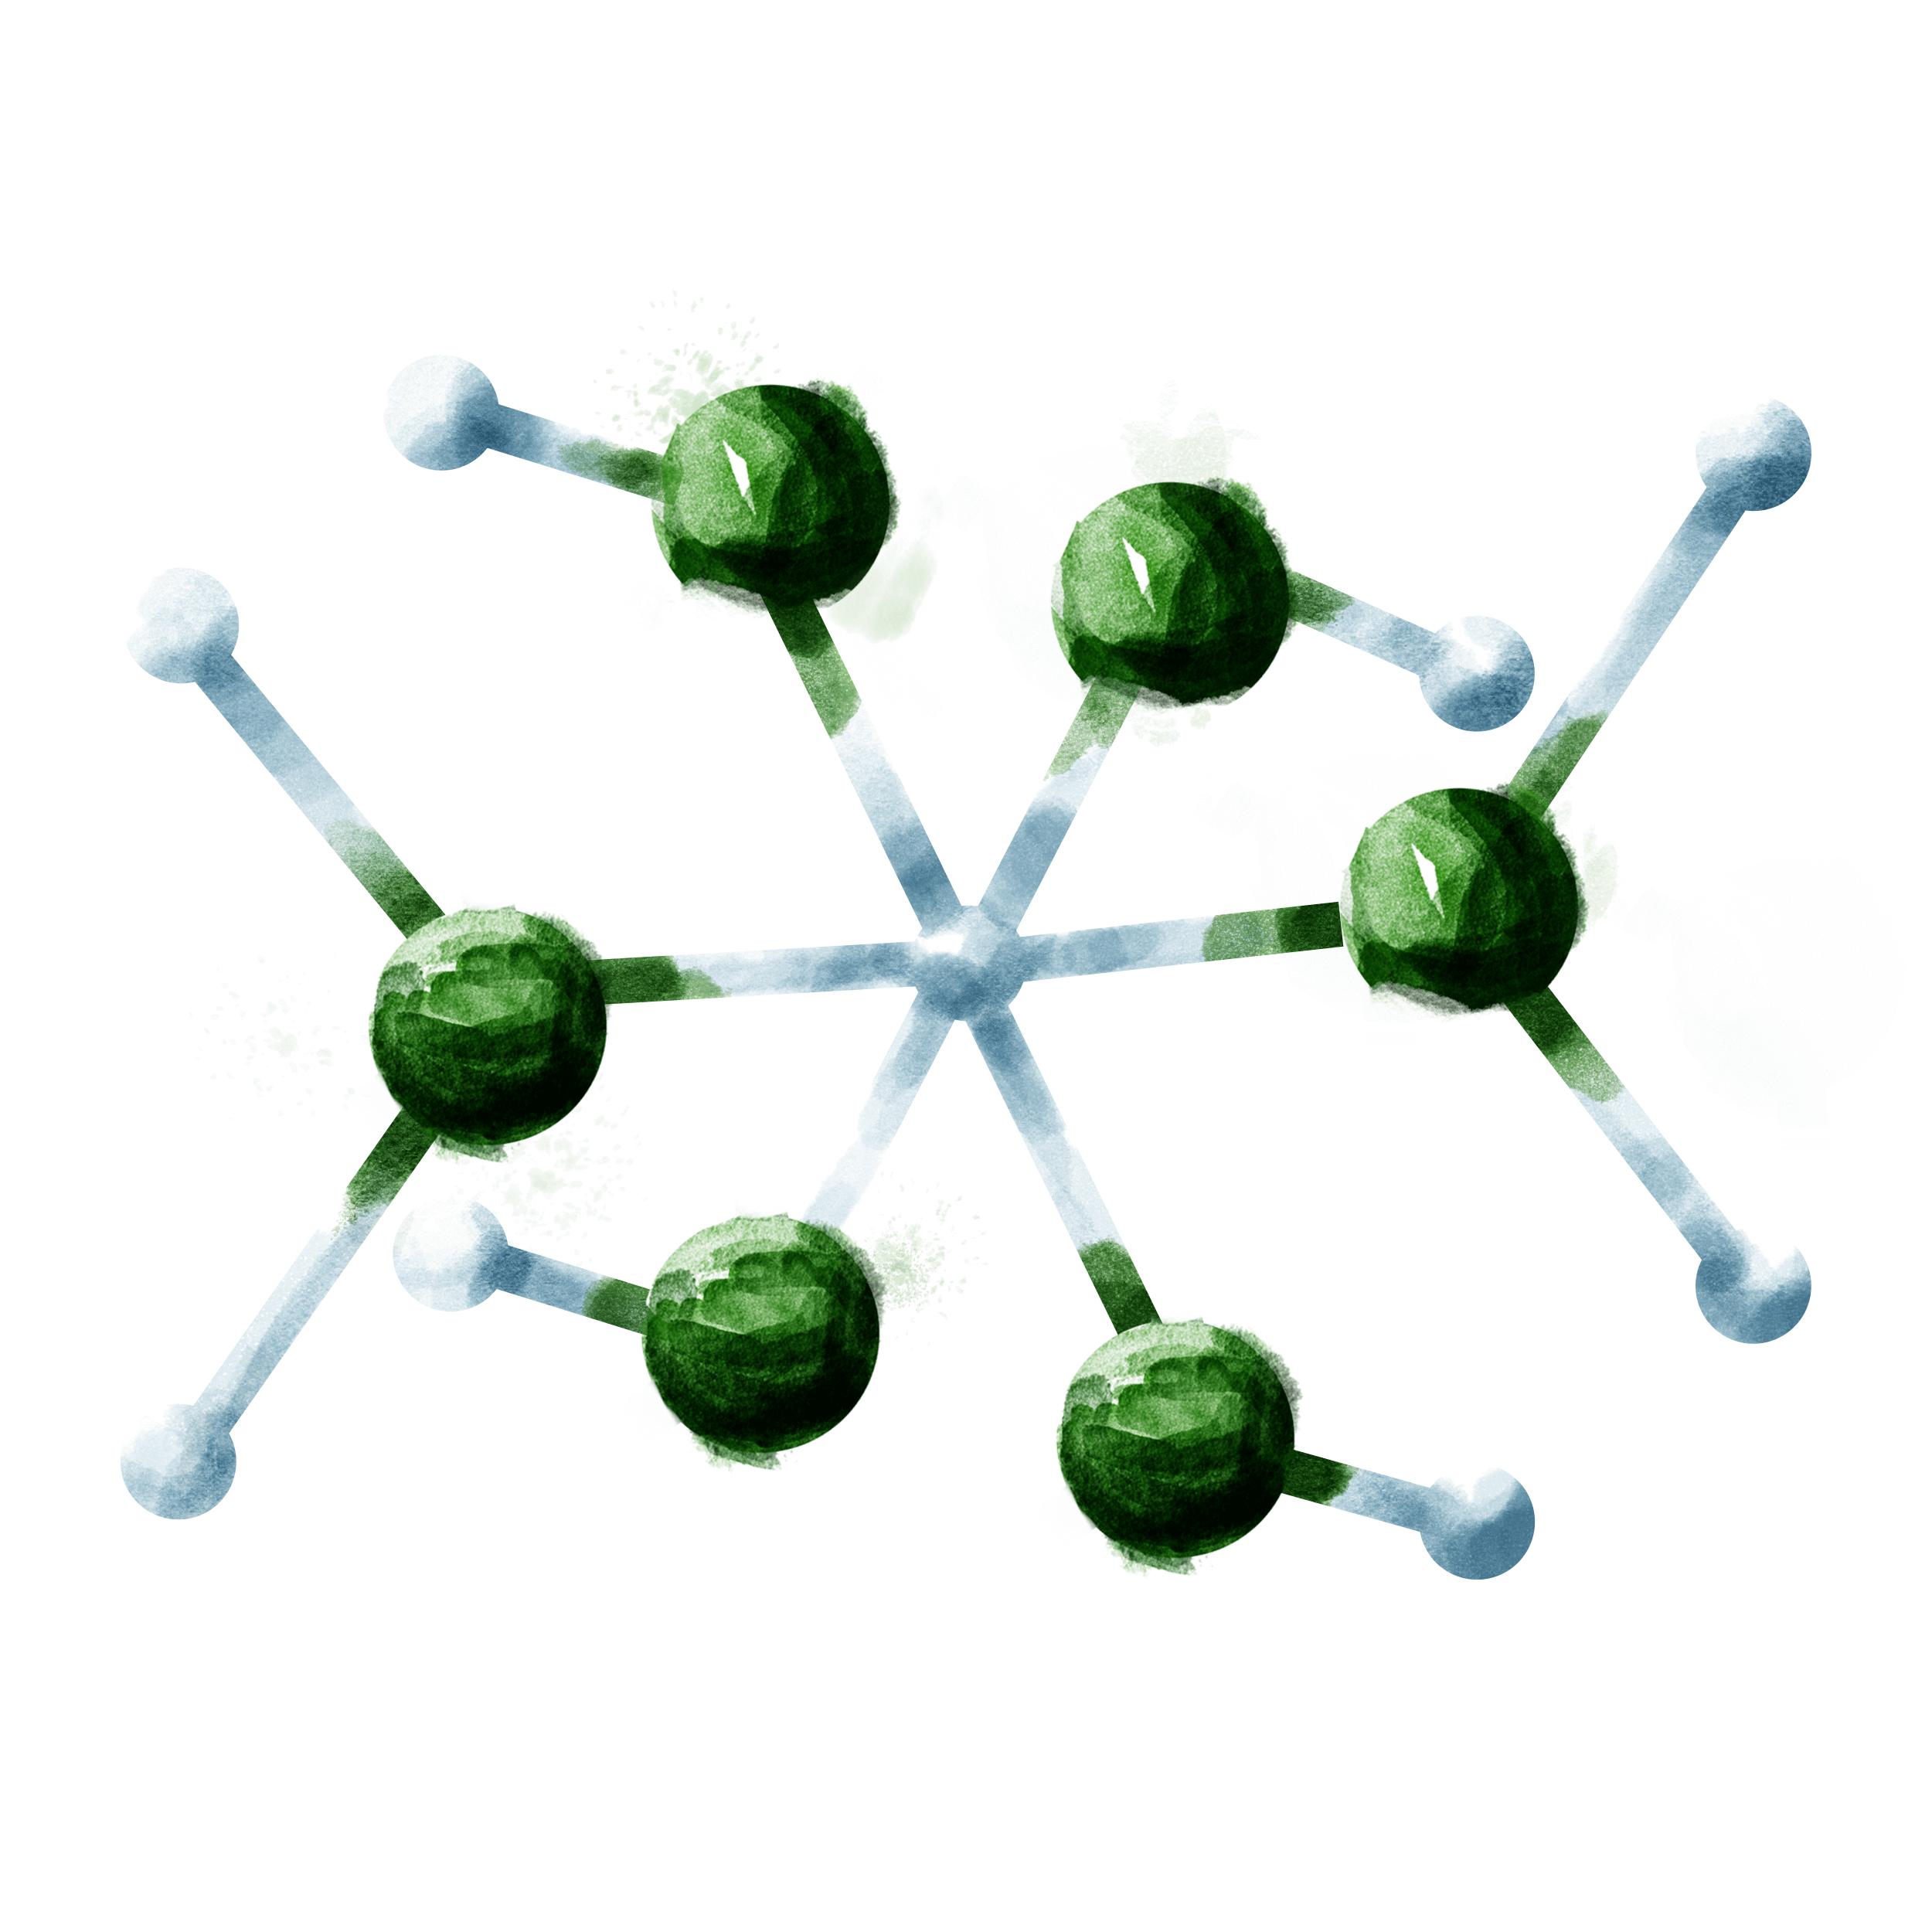 Titanium Dioxyde